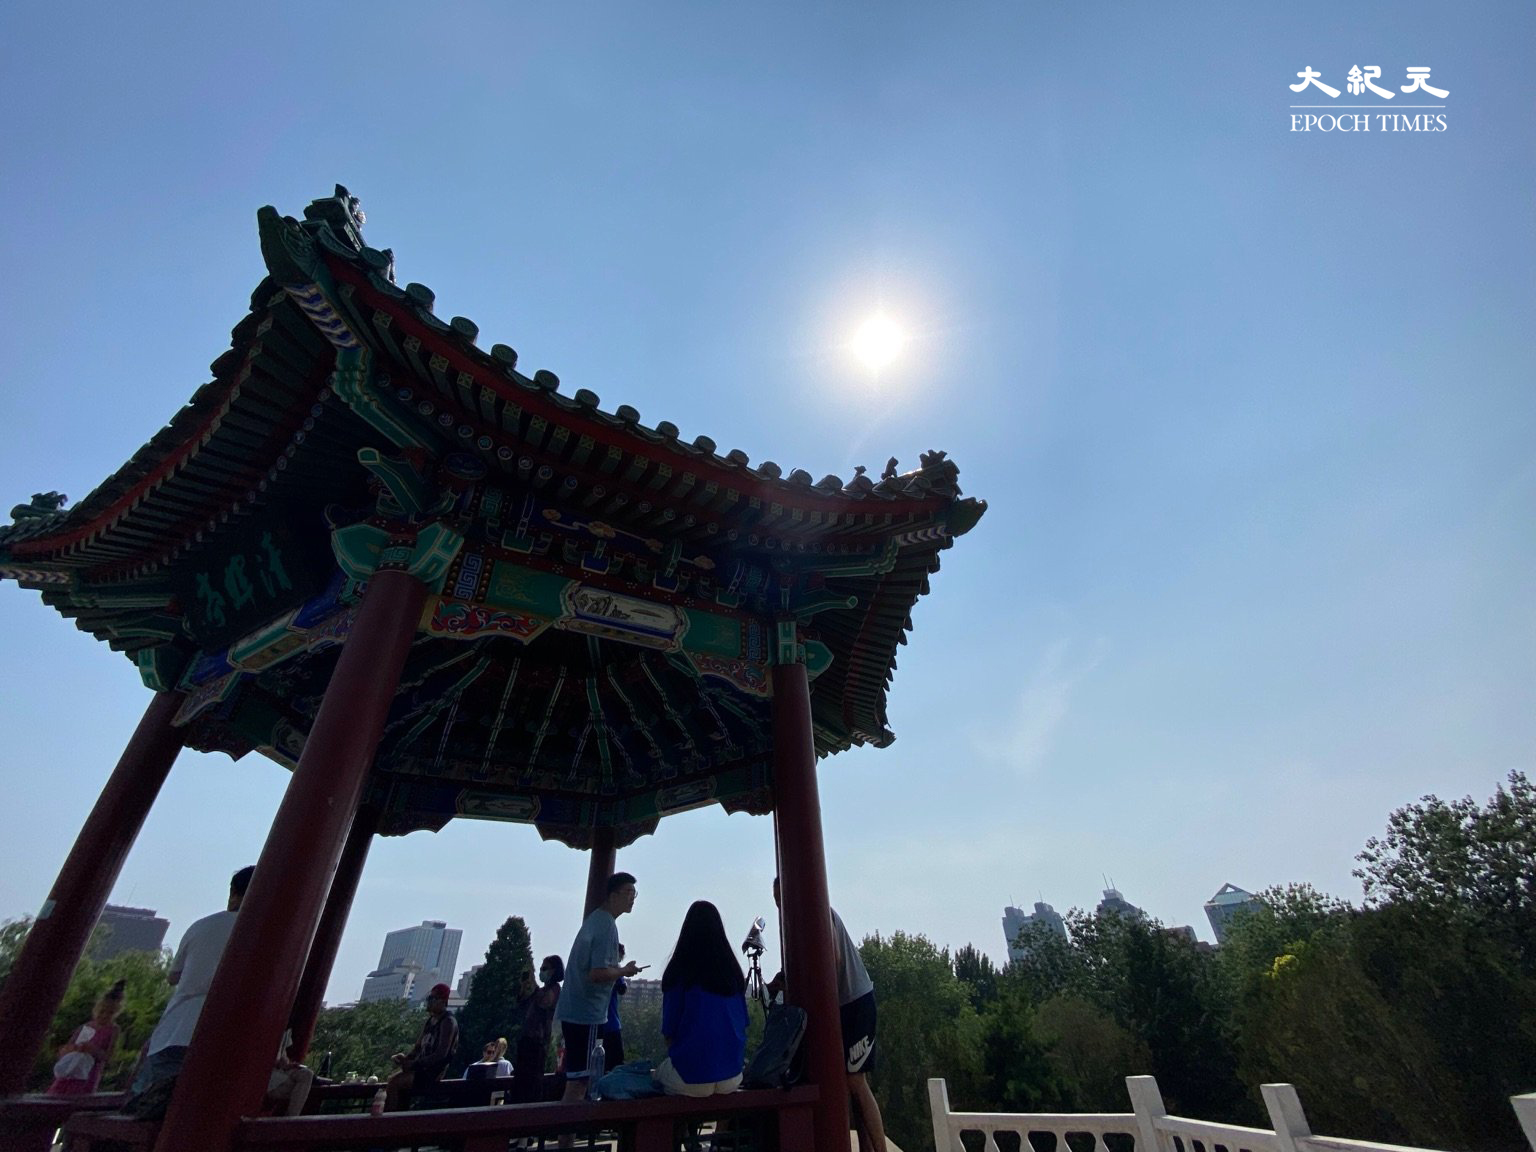 2020年6月21日,北京日壇日食。(大紀元)